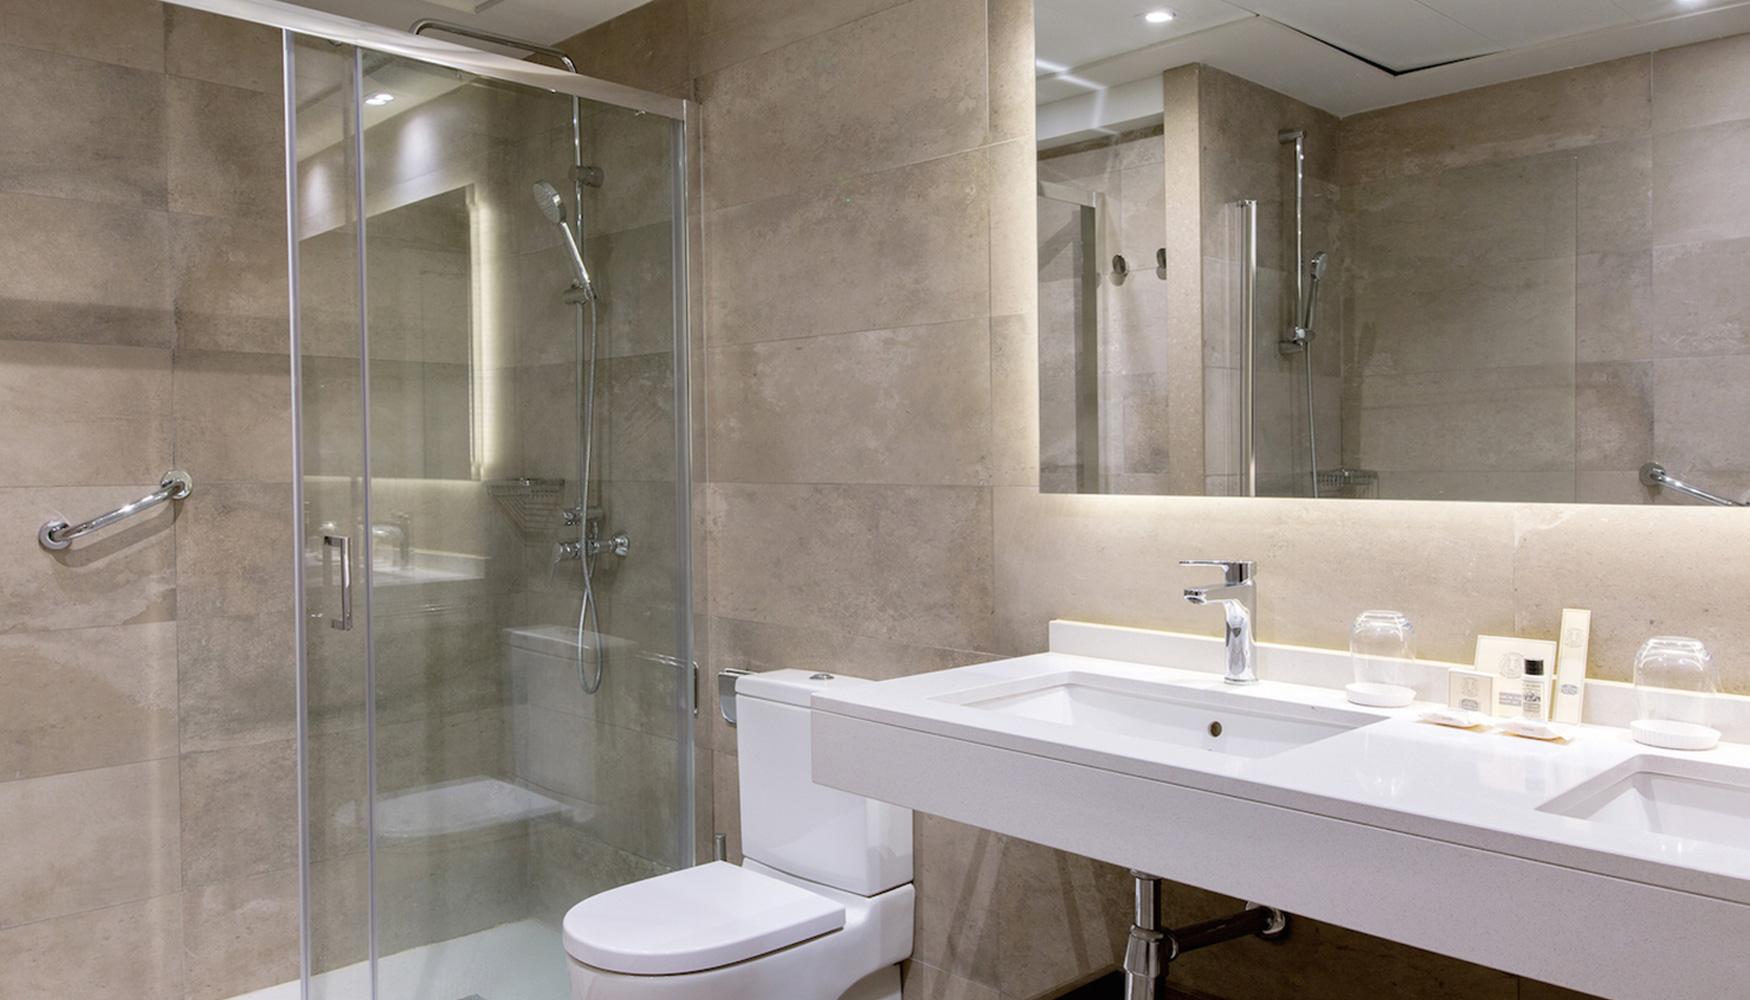 El hotel avenida palace de barcelona estrena nuevos ba os - Luz para banos ...